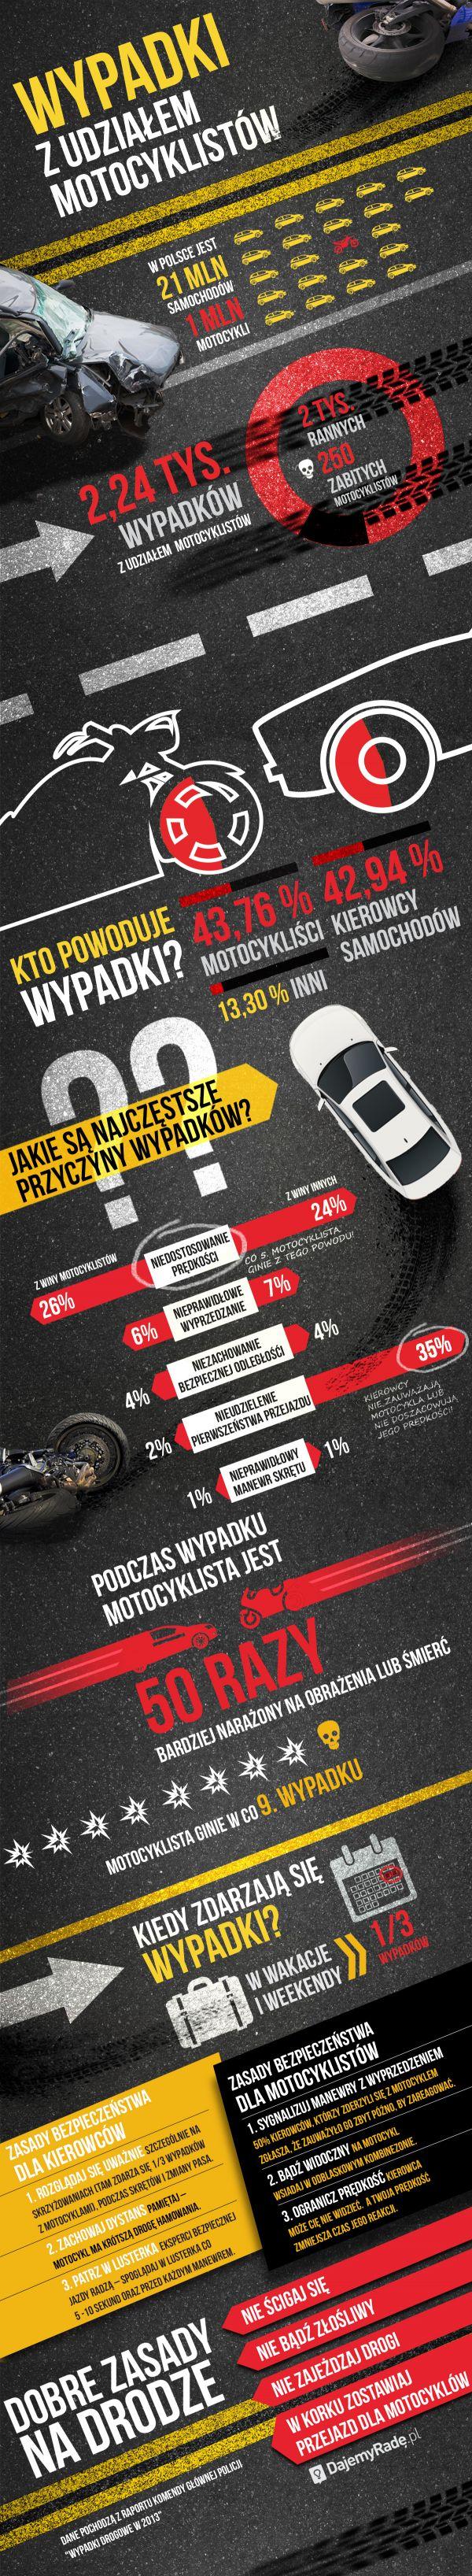 Kierowcy i motocykliści - przy odrobienie dobrej woli na drodze znajdzie się miejsce dla wszystkich. #dajemyrade